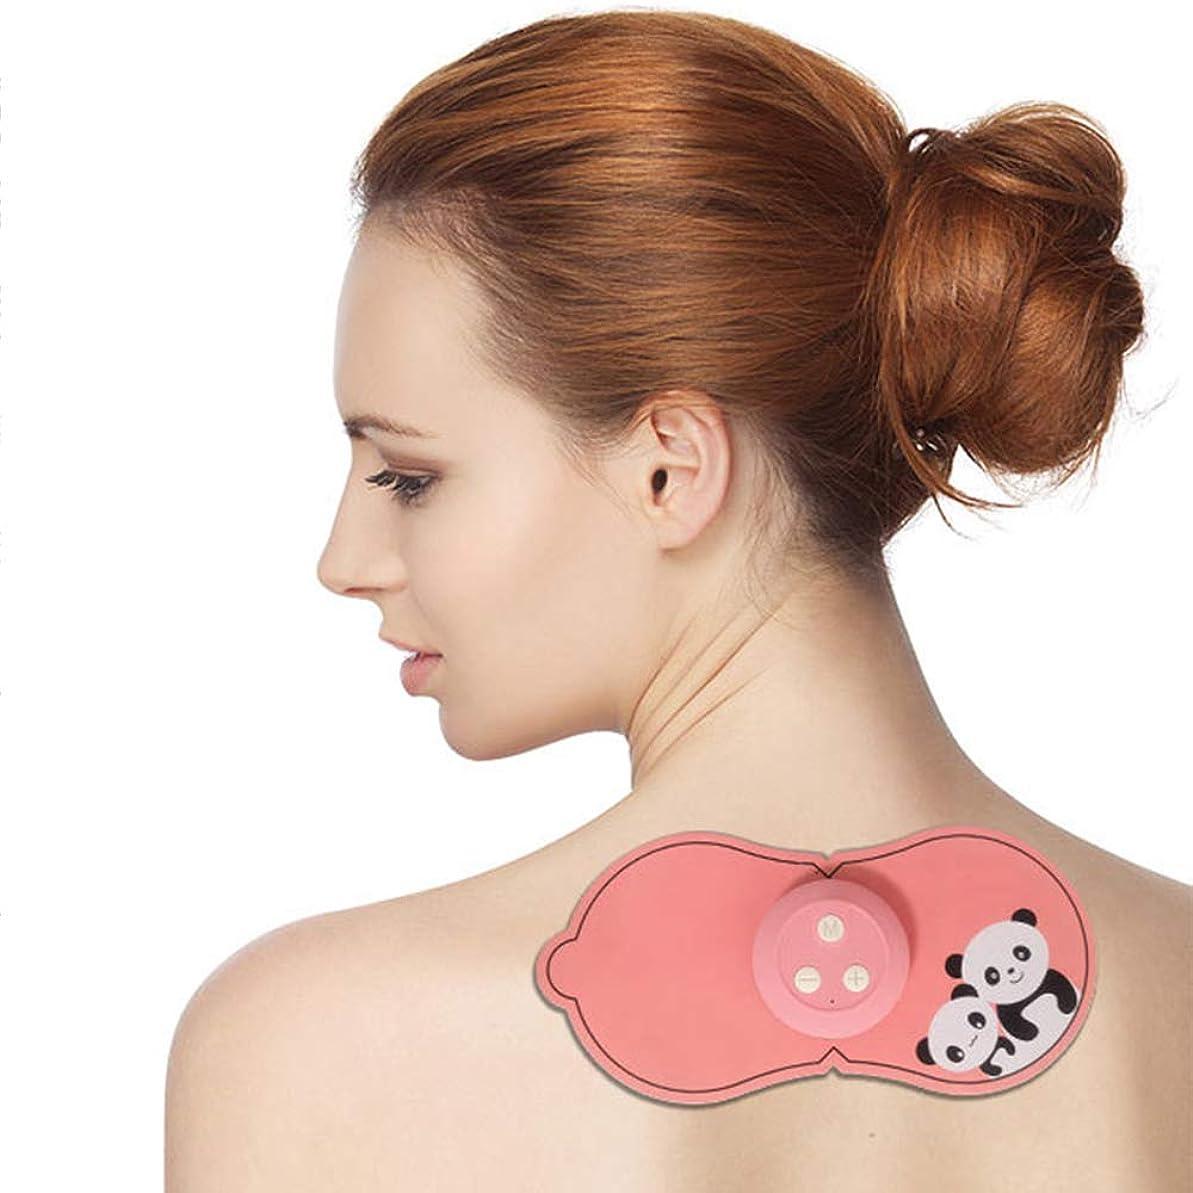 申し立て驚きフリルカラーボックス頸部マッサージペースト - 多機能チャージパルスマッサージ - ミニリラックスショルダーネックショール - ウエストバック頸椎 - 大衆と頚椎のケア,Pink